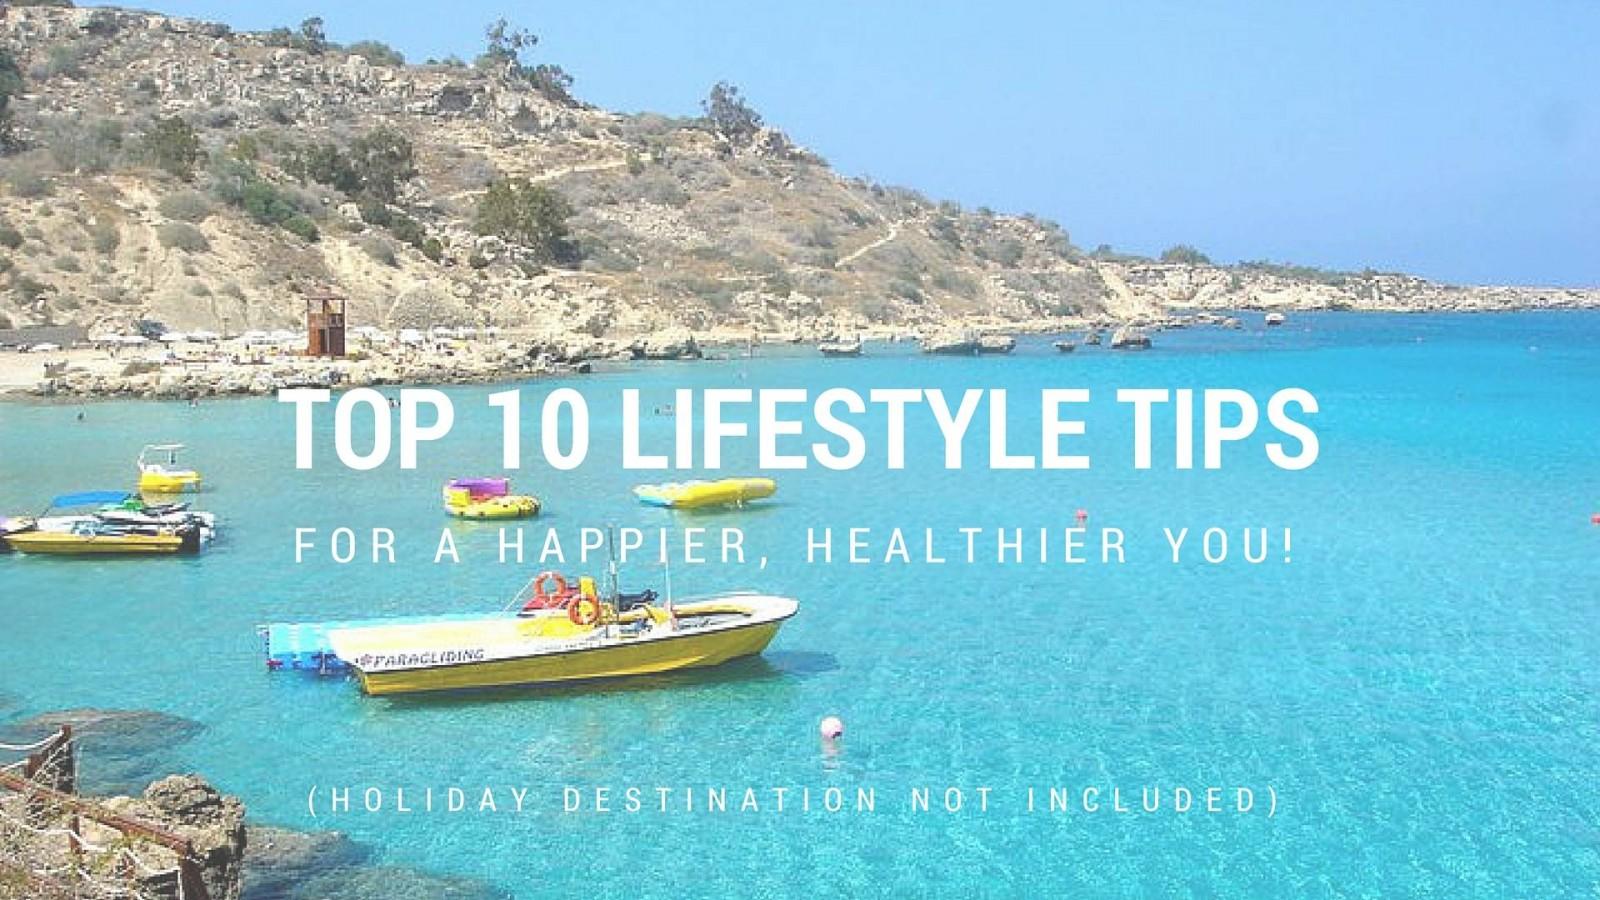 Top 10 Happy Lifestyle Tips